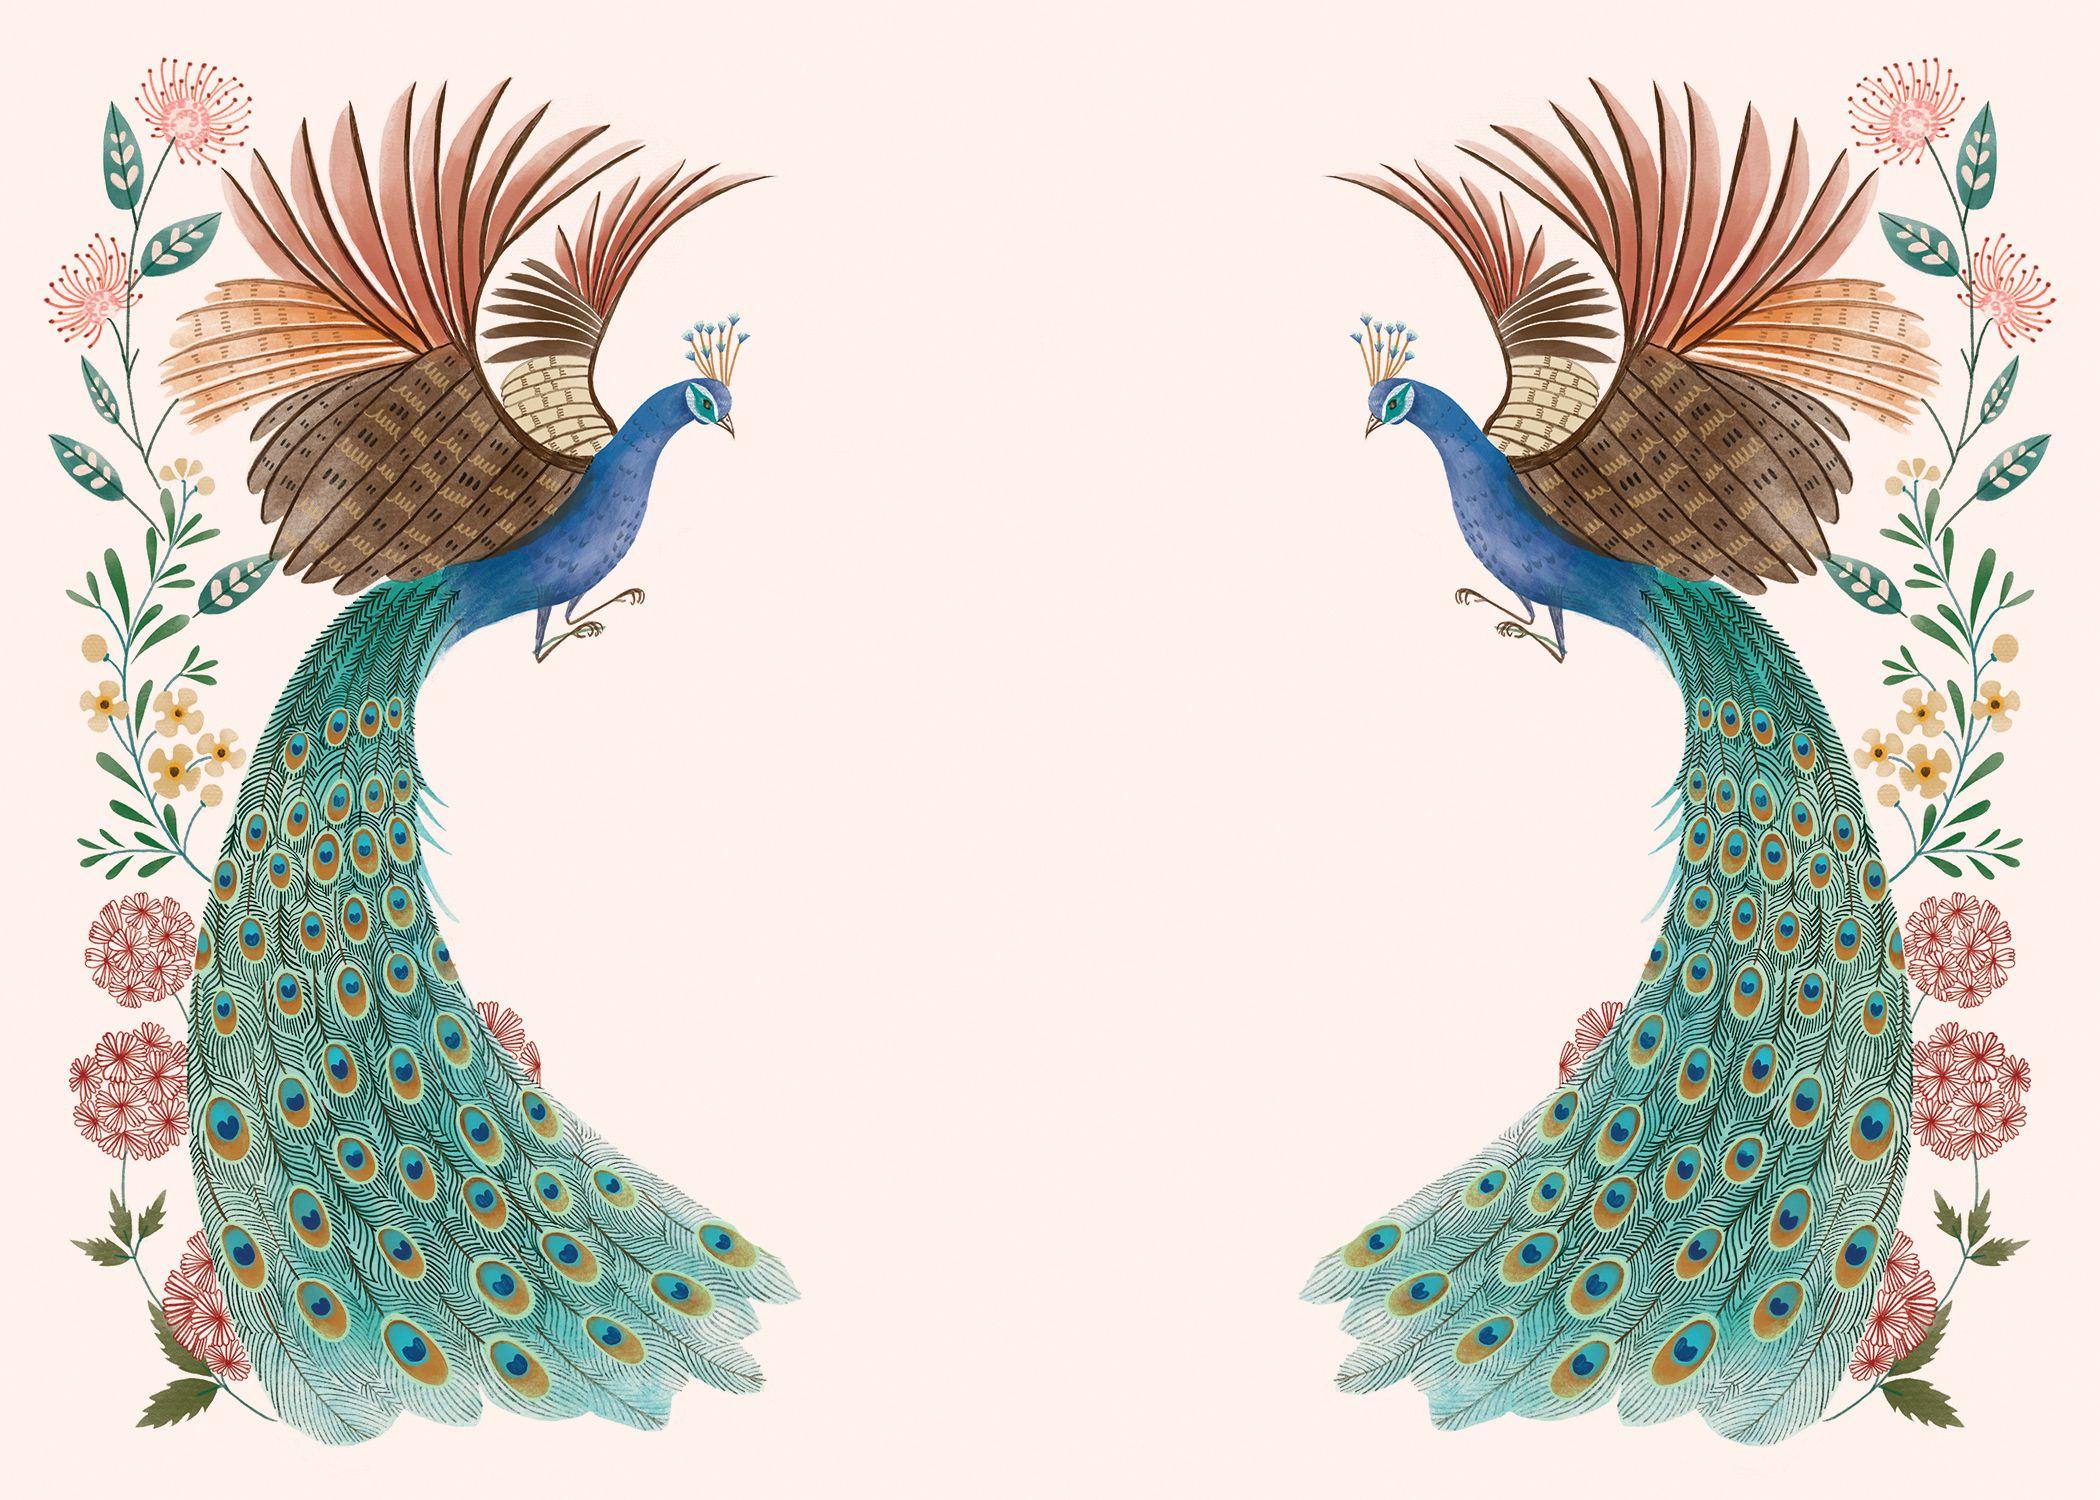 Peacocks Flowers Wedding Invitation Template Greetings Island Flower Wedding Invitation Digital Invitations Wedding Wedding Invitation Background